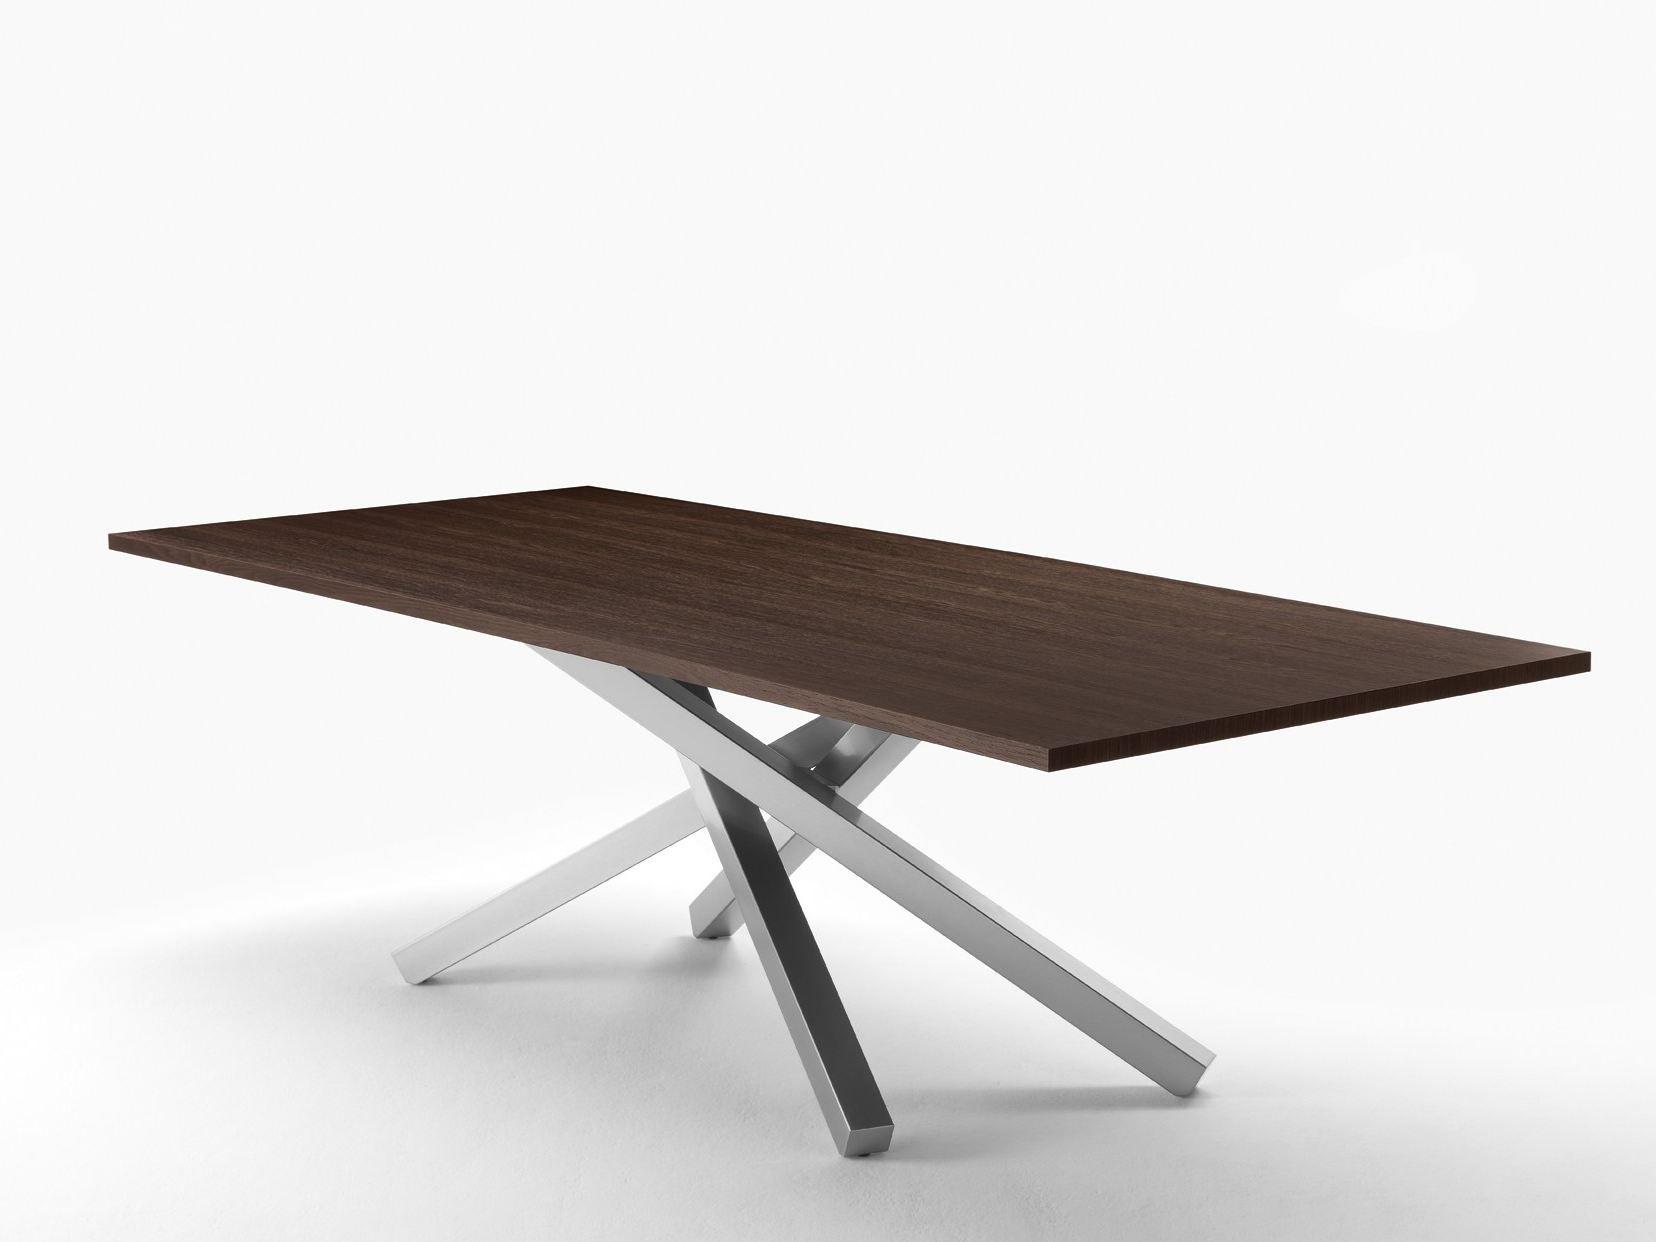 Pechino tavolo in acciaio e legno by midj design studiokappa for Tavolo acciaio design